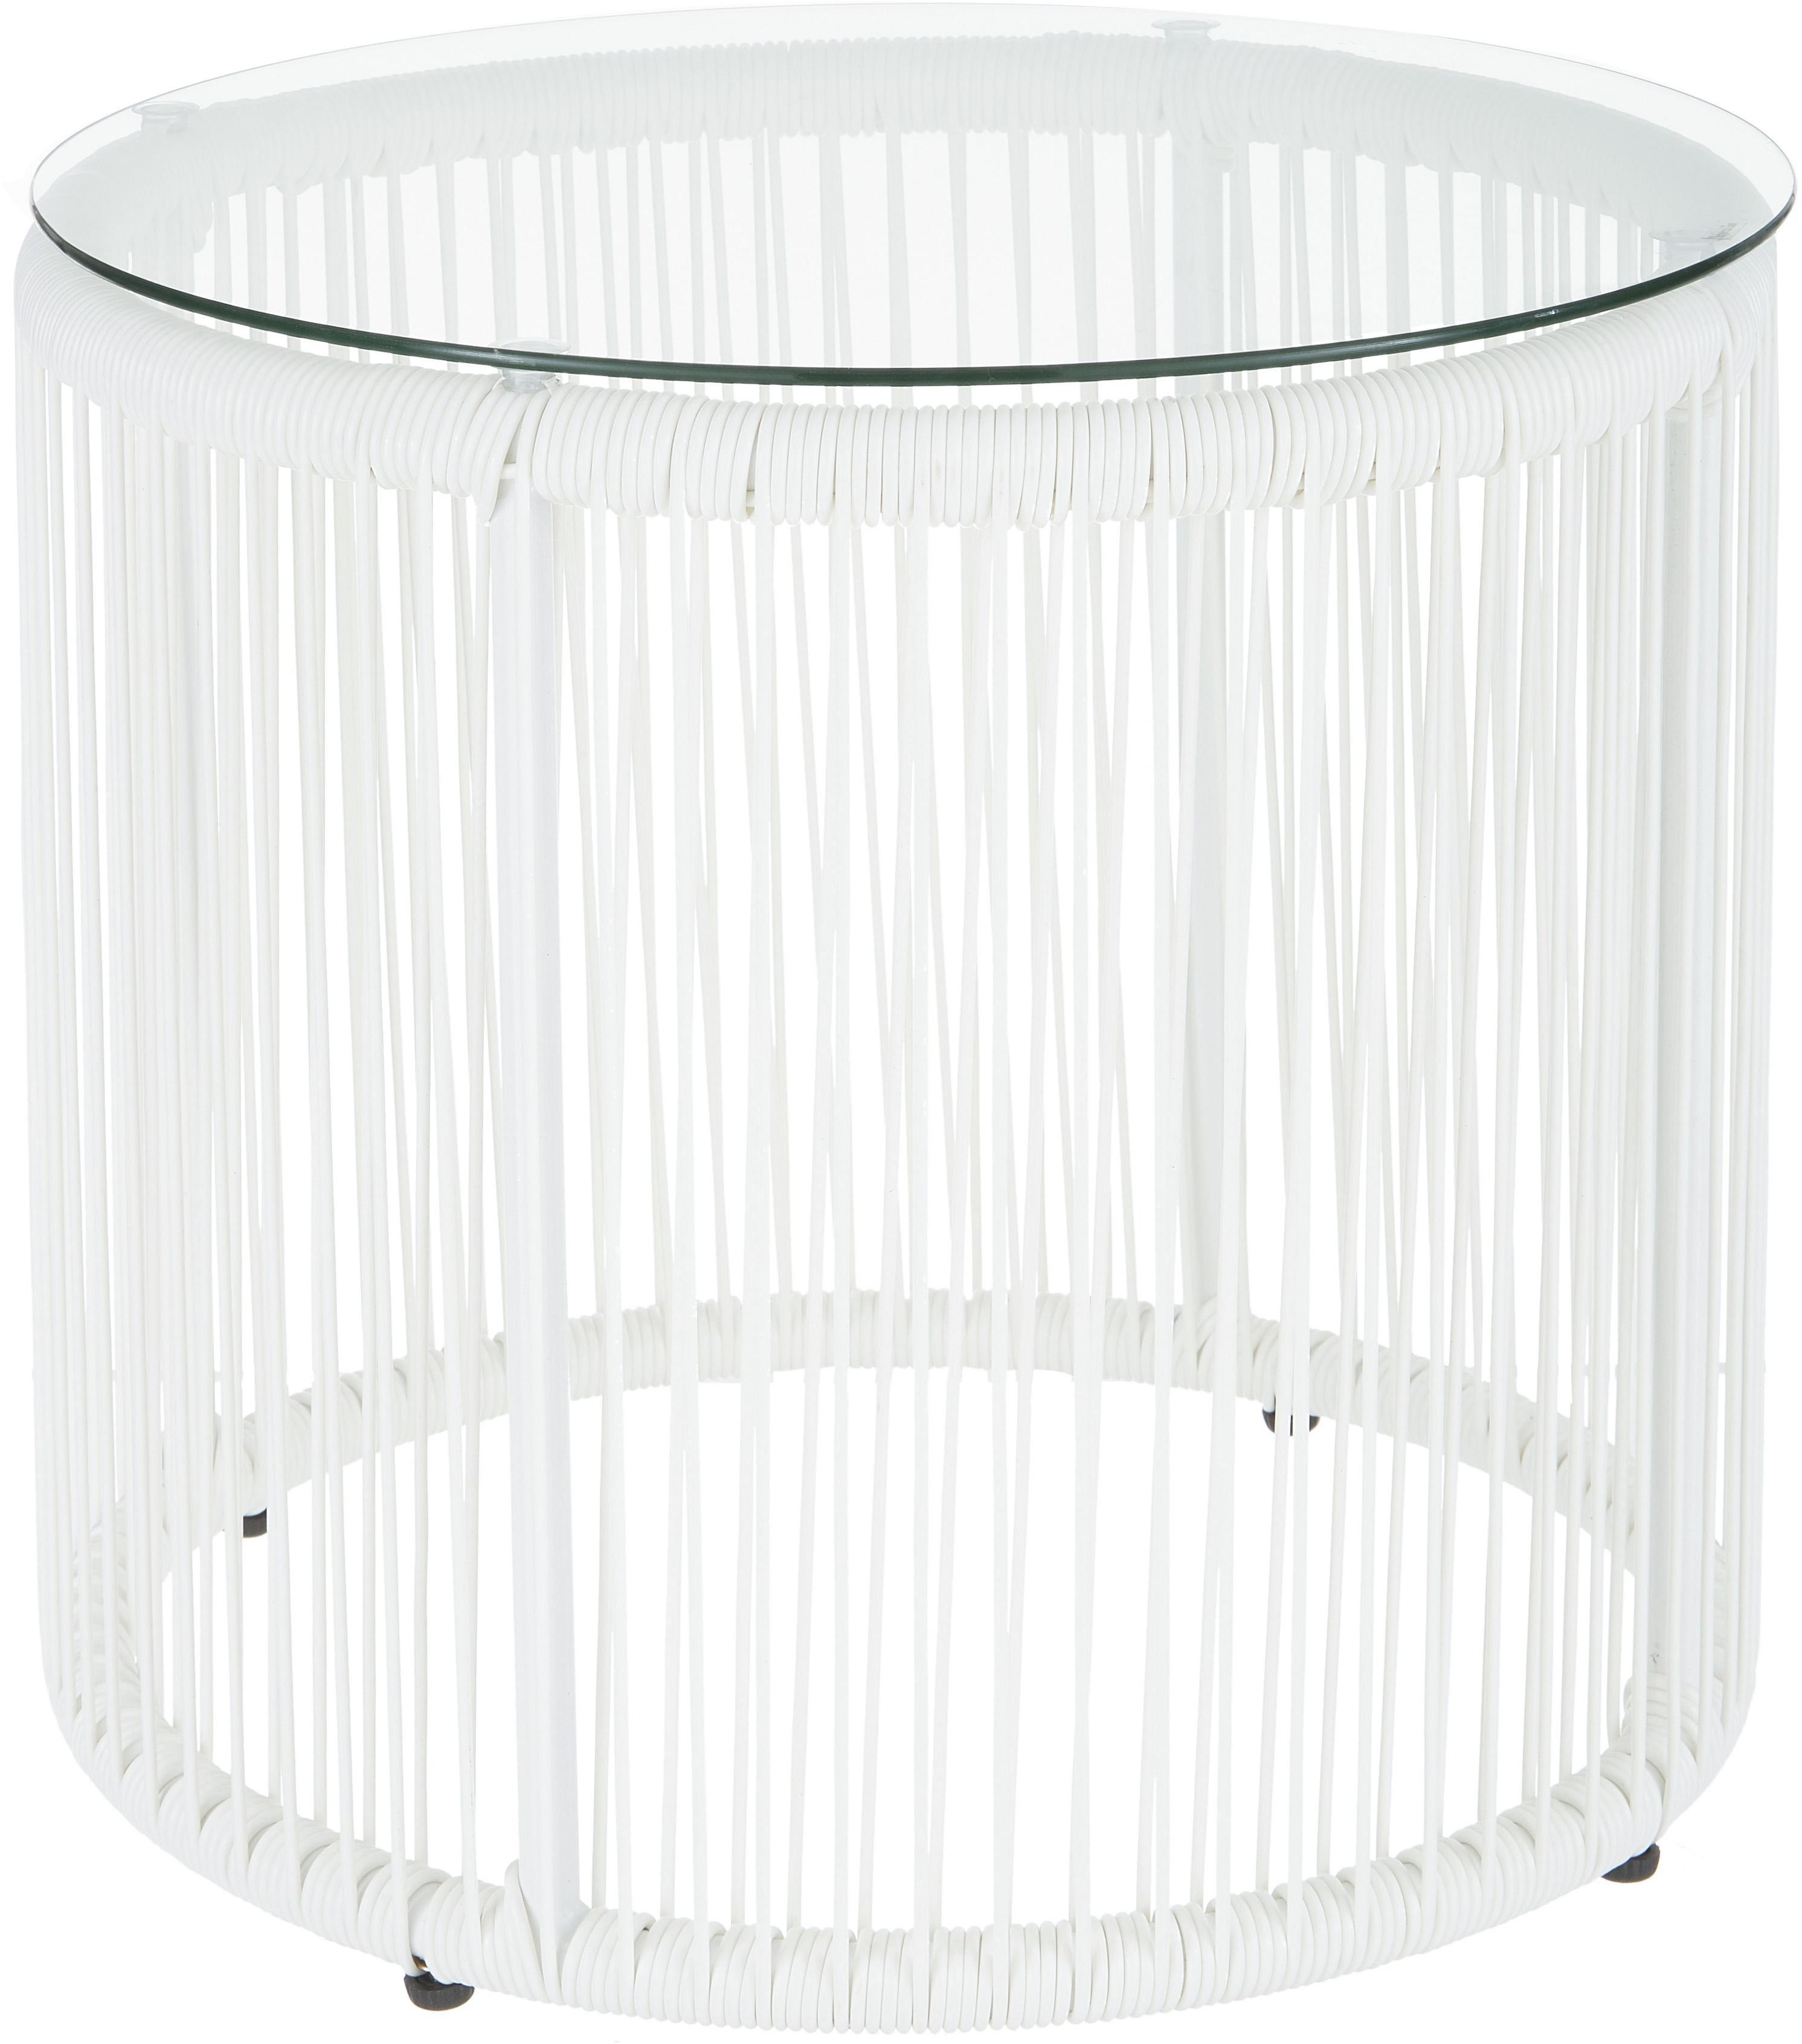 Tavolino con intreccio in plastica Bahia, Piano d'appoggio: vetro, spessore, Struttura: alluminio verniciato a po, Piano d'appoggio: trasparente Lati e struttura: bianco, Ø 50 x Alt. 45 cm